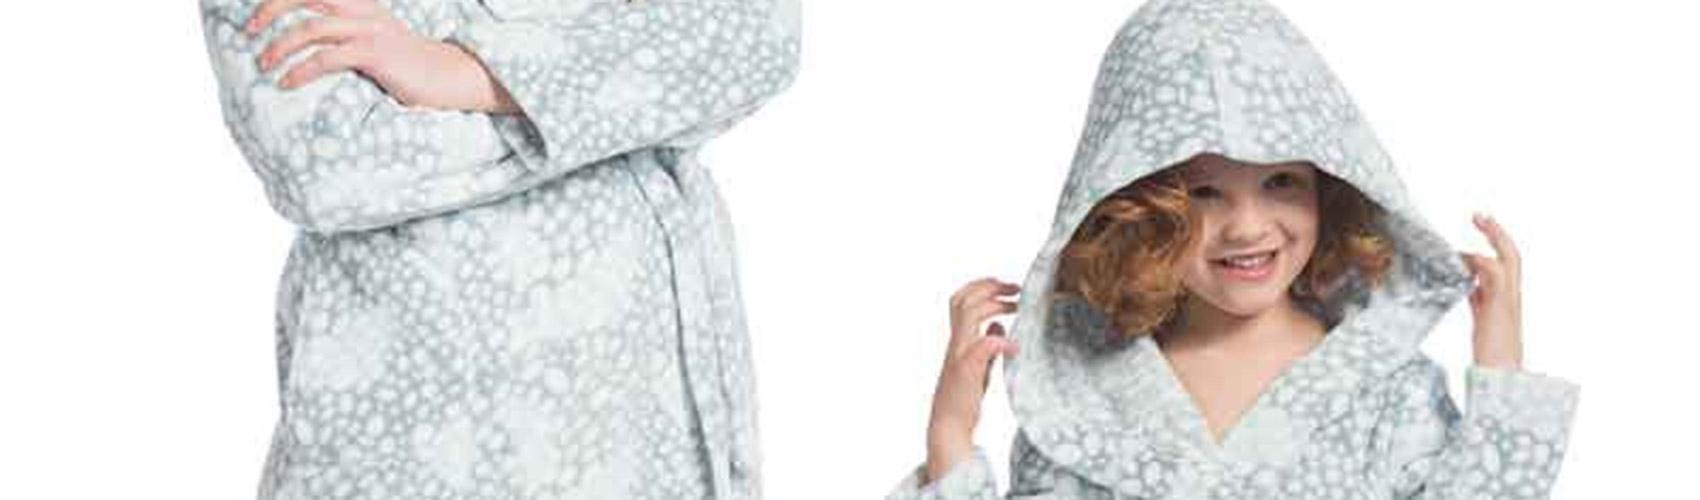 Wat is het verschil tussen een fleece- of katoenen badjas?